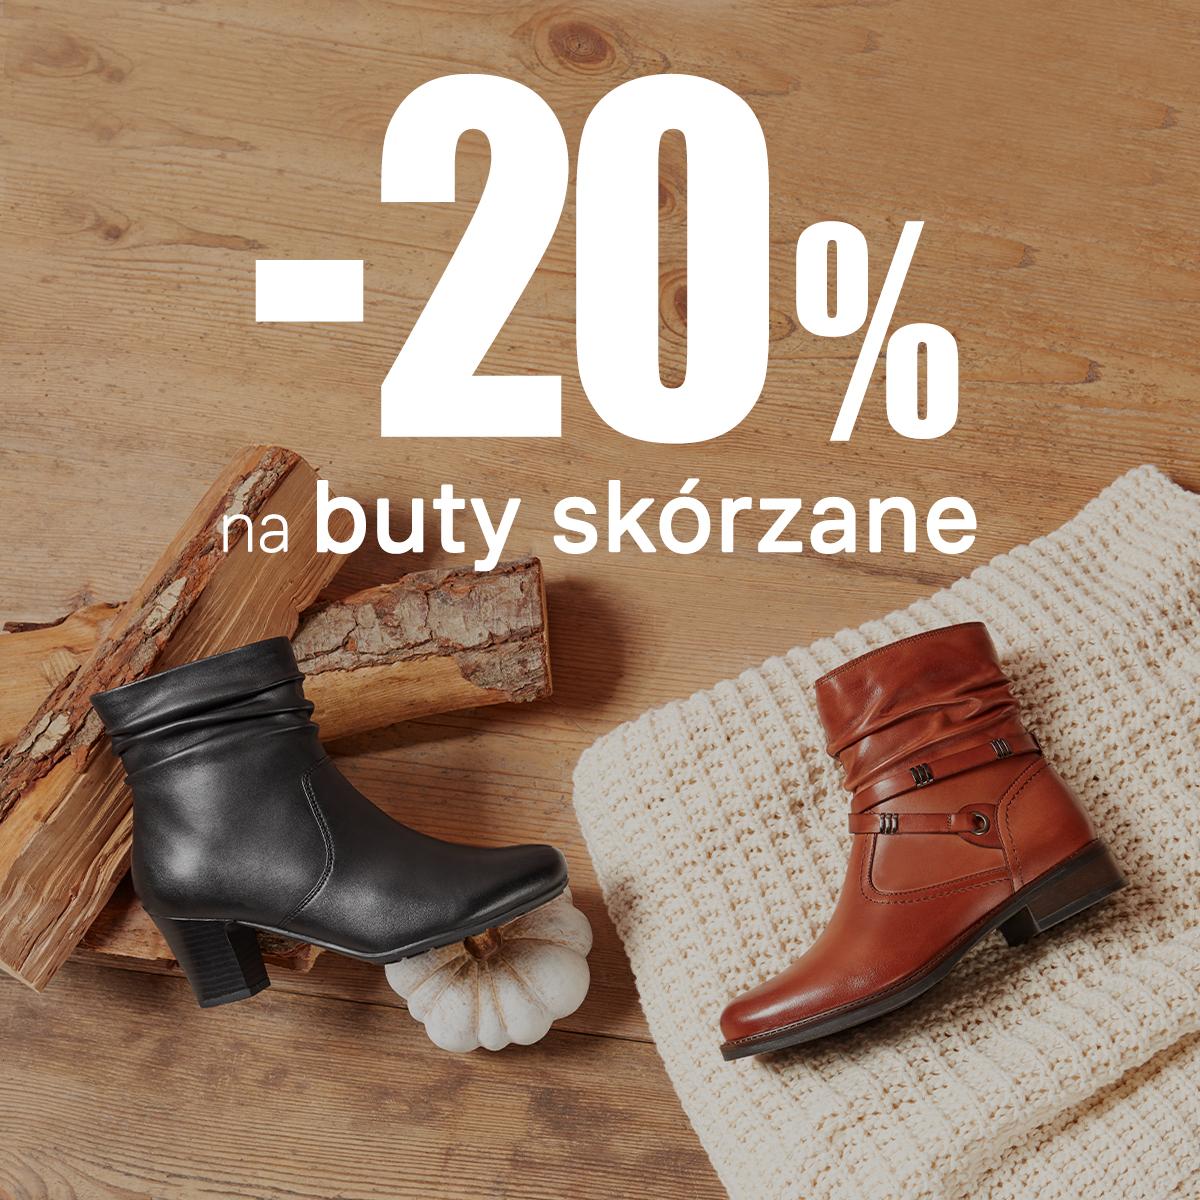 Deichmann: 20% rabatu na nieprzecenione buty skórzane                         title=